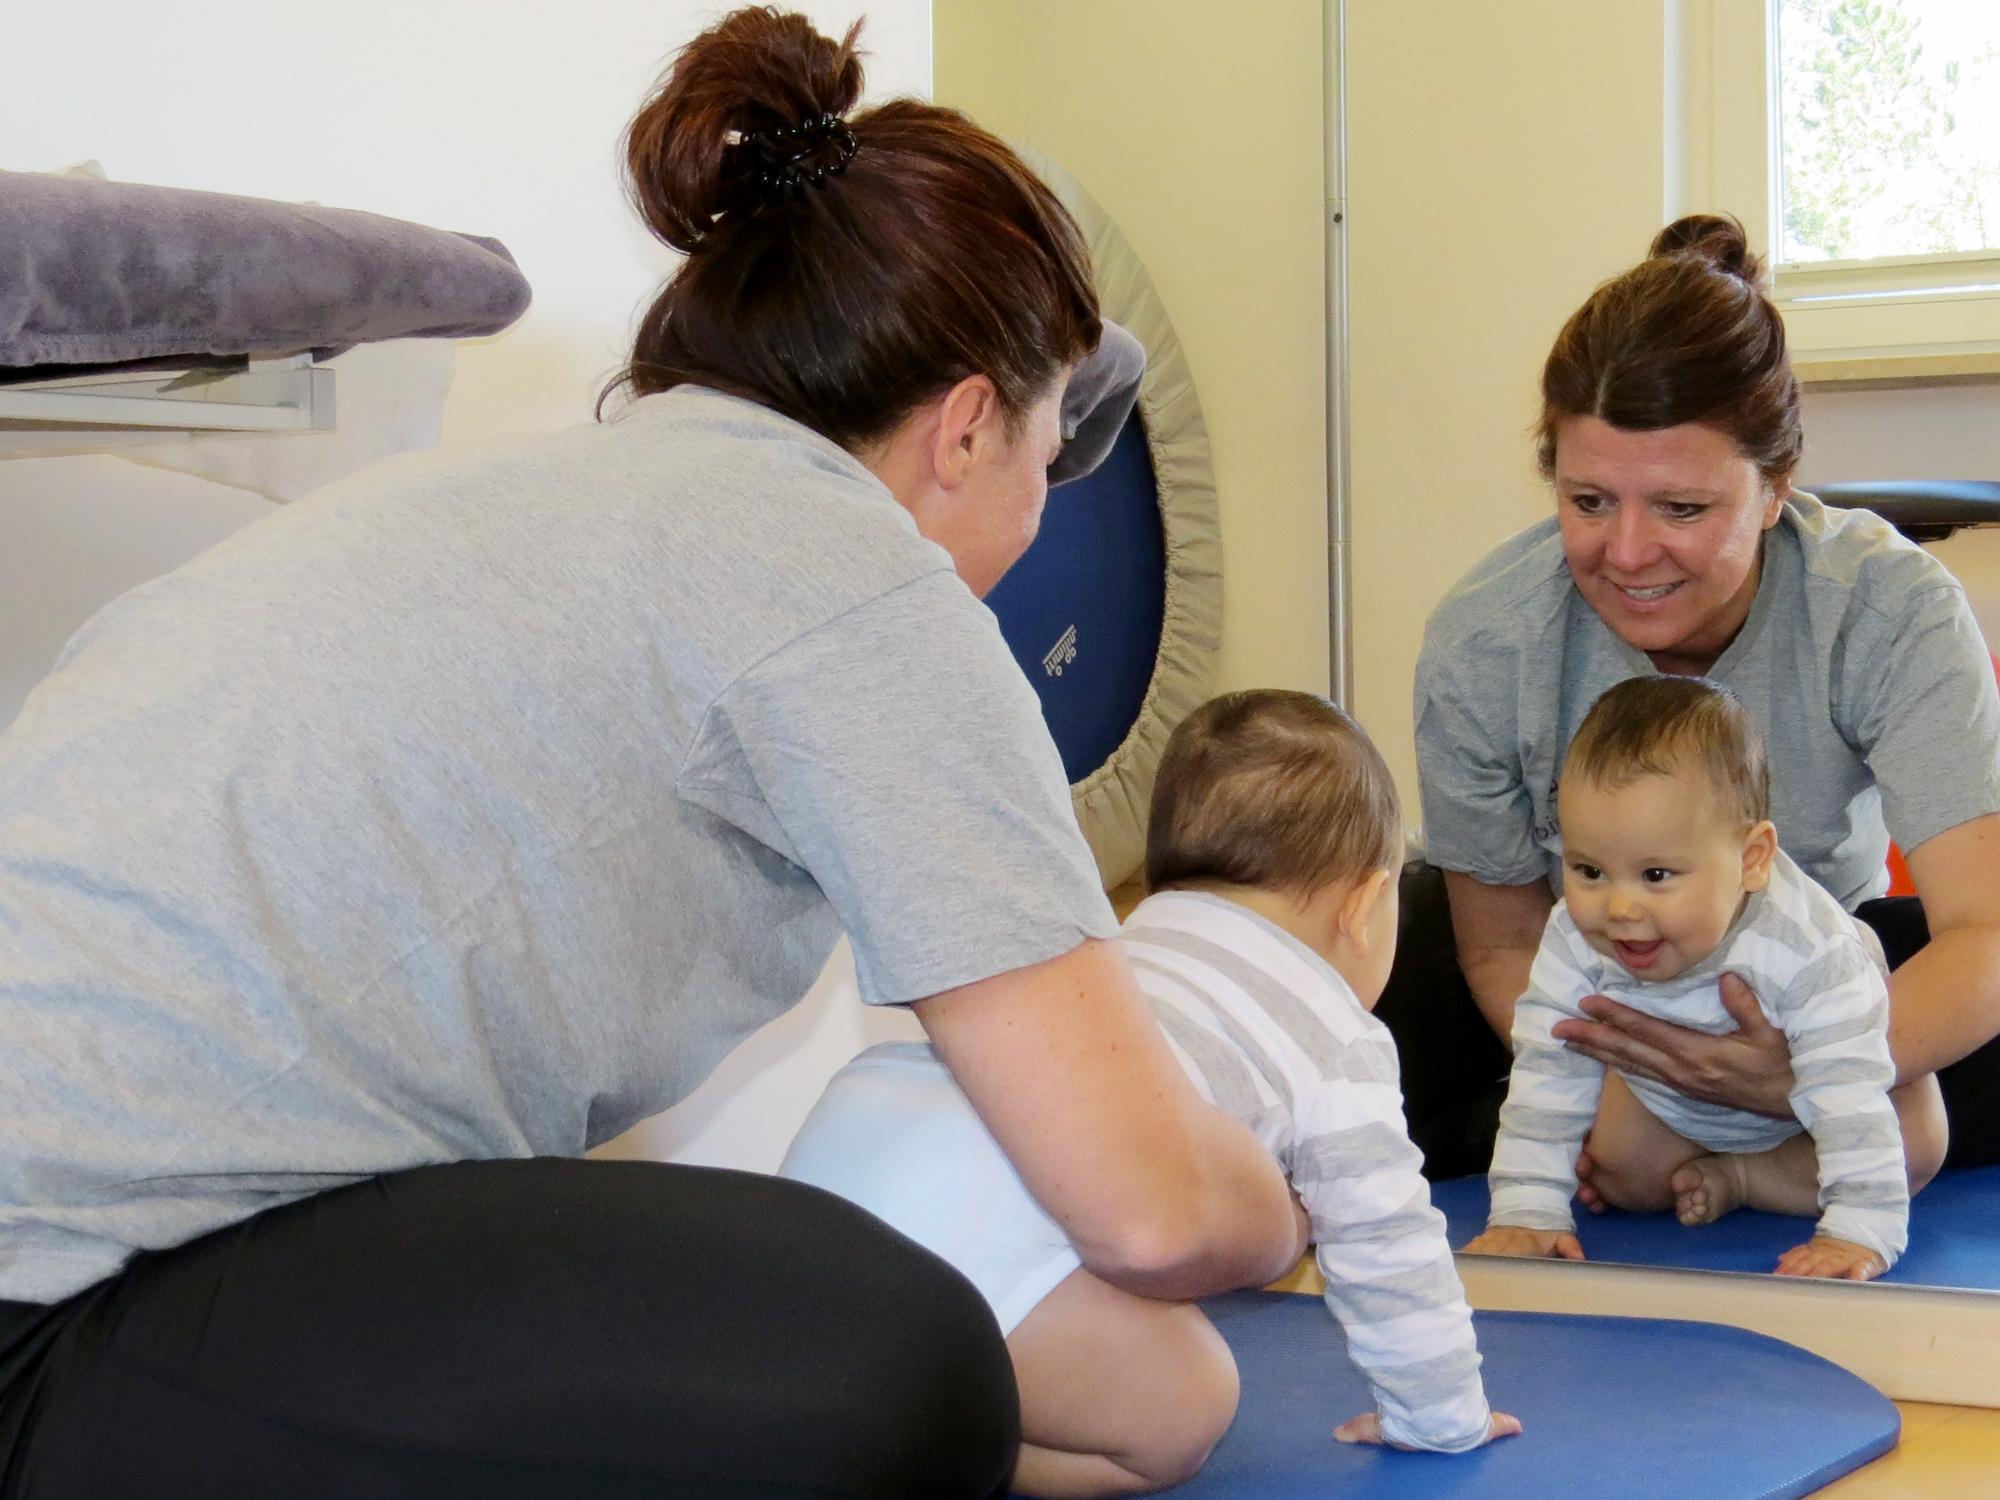 PTS Physiotherapie Schenefeld GmbH | Kinderphysiotherapie nach Bobath für Kleinkinder